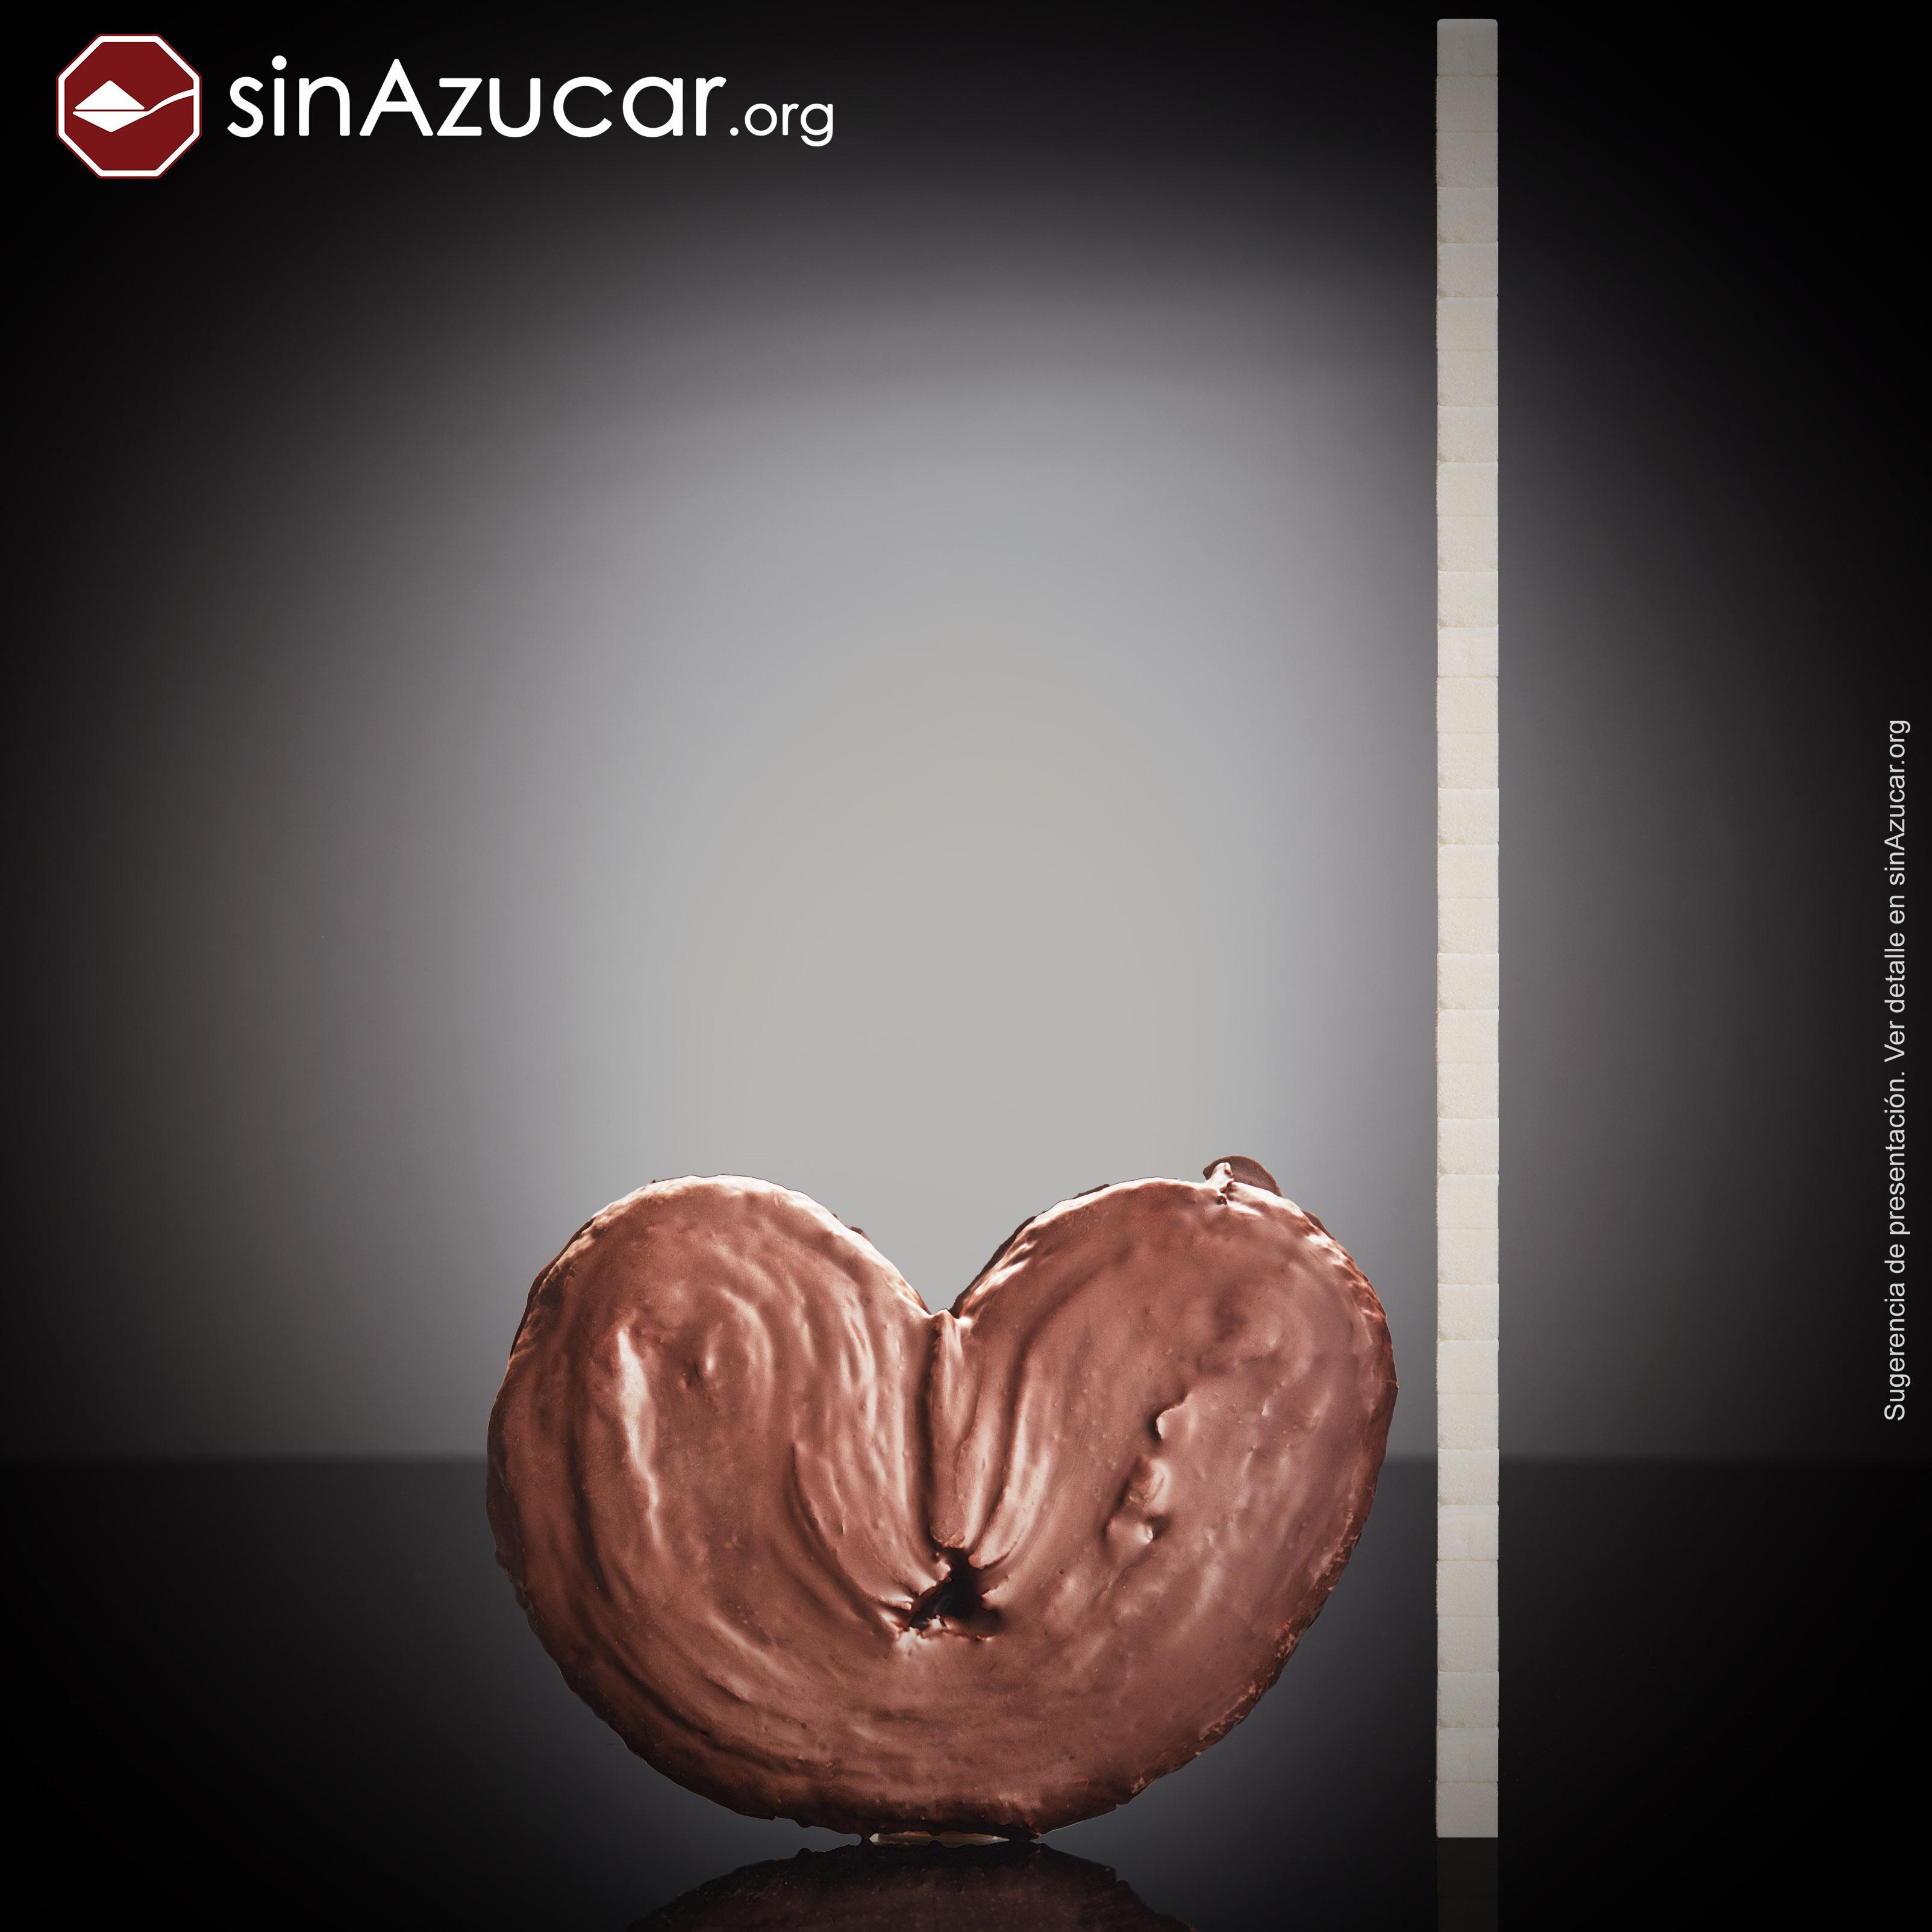 Una palmera de chocolate XXL (450g) tiene 132g de azúcar, equivalente a 33 terrones.